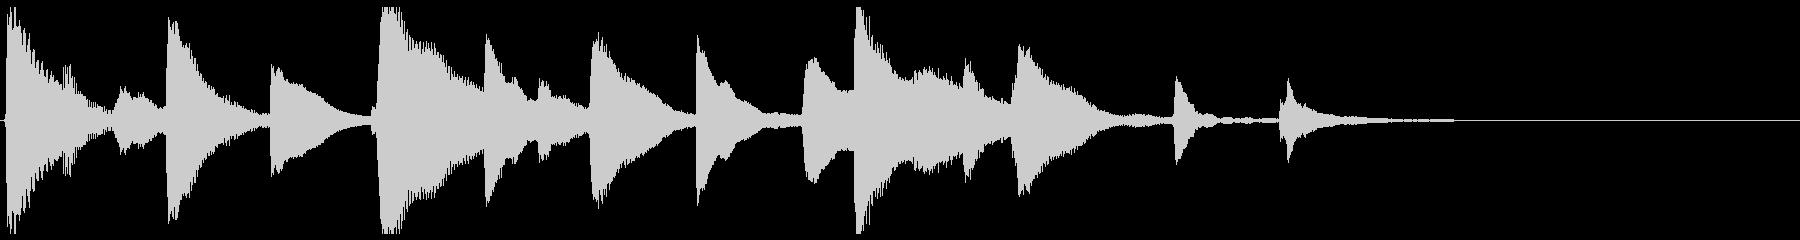 トイピアノが可愛らしいジングルの未再生の波形